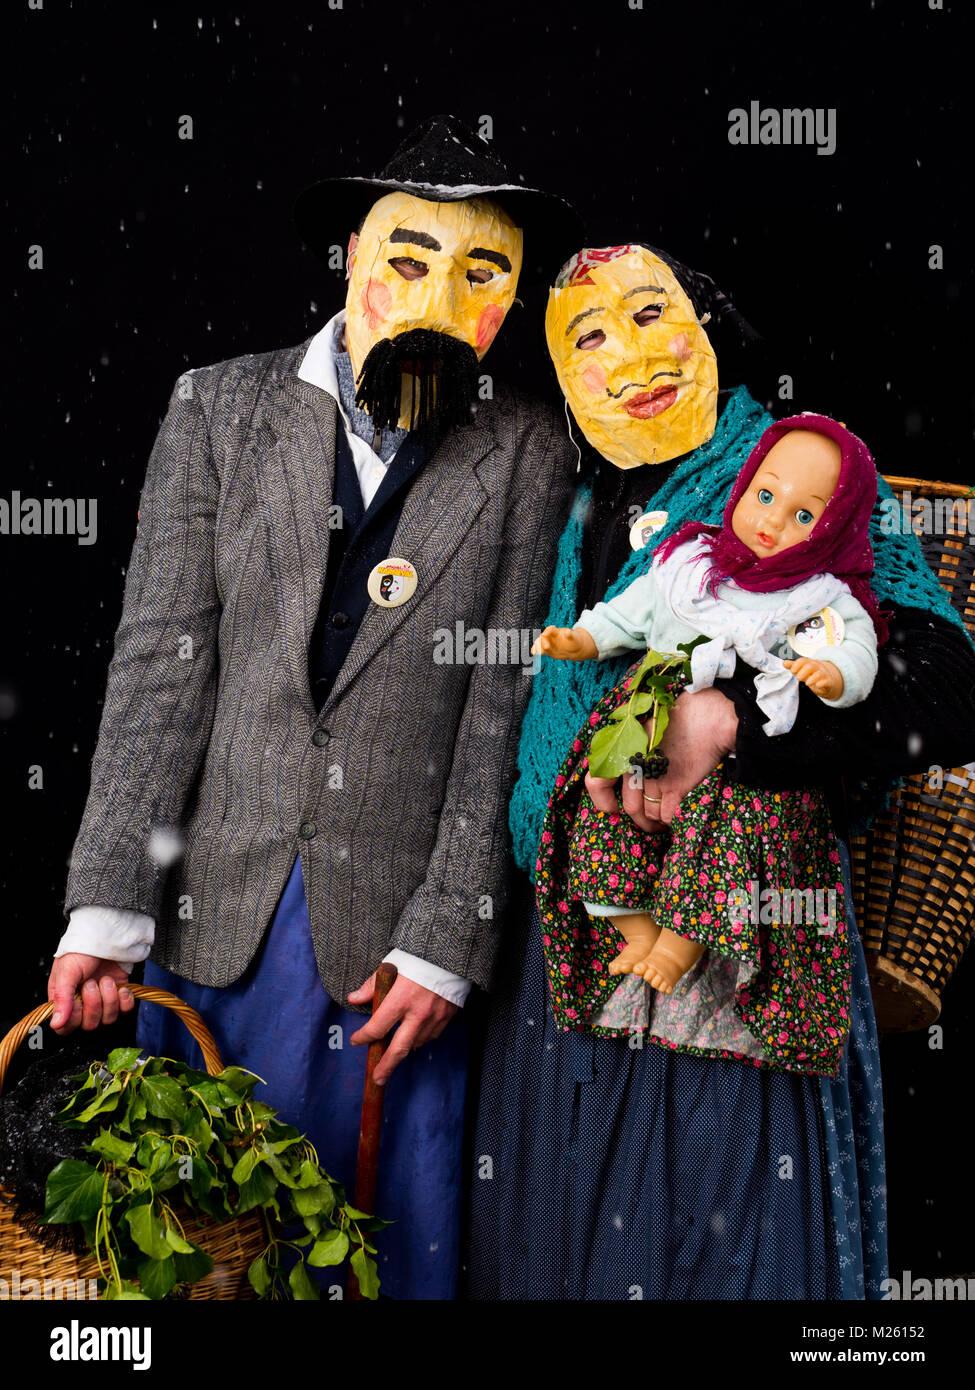 pagan characters